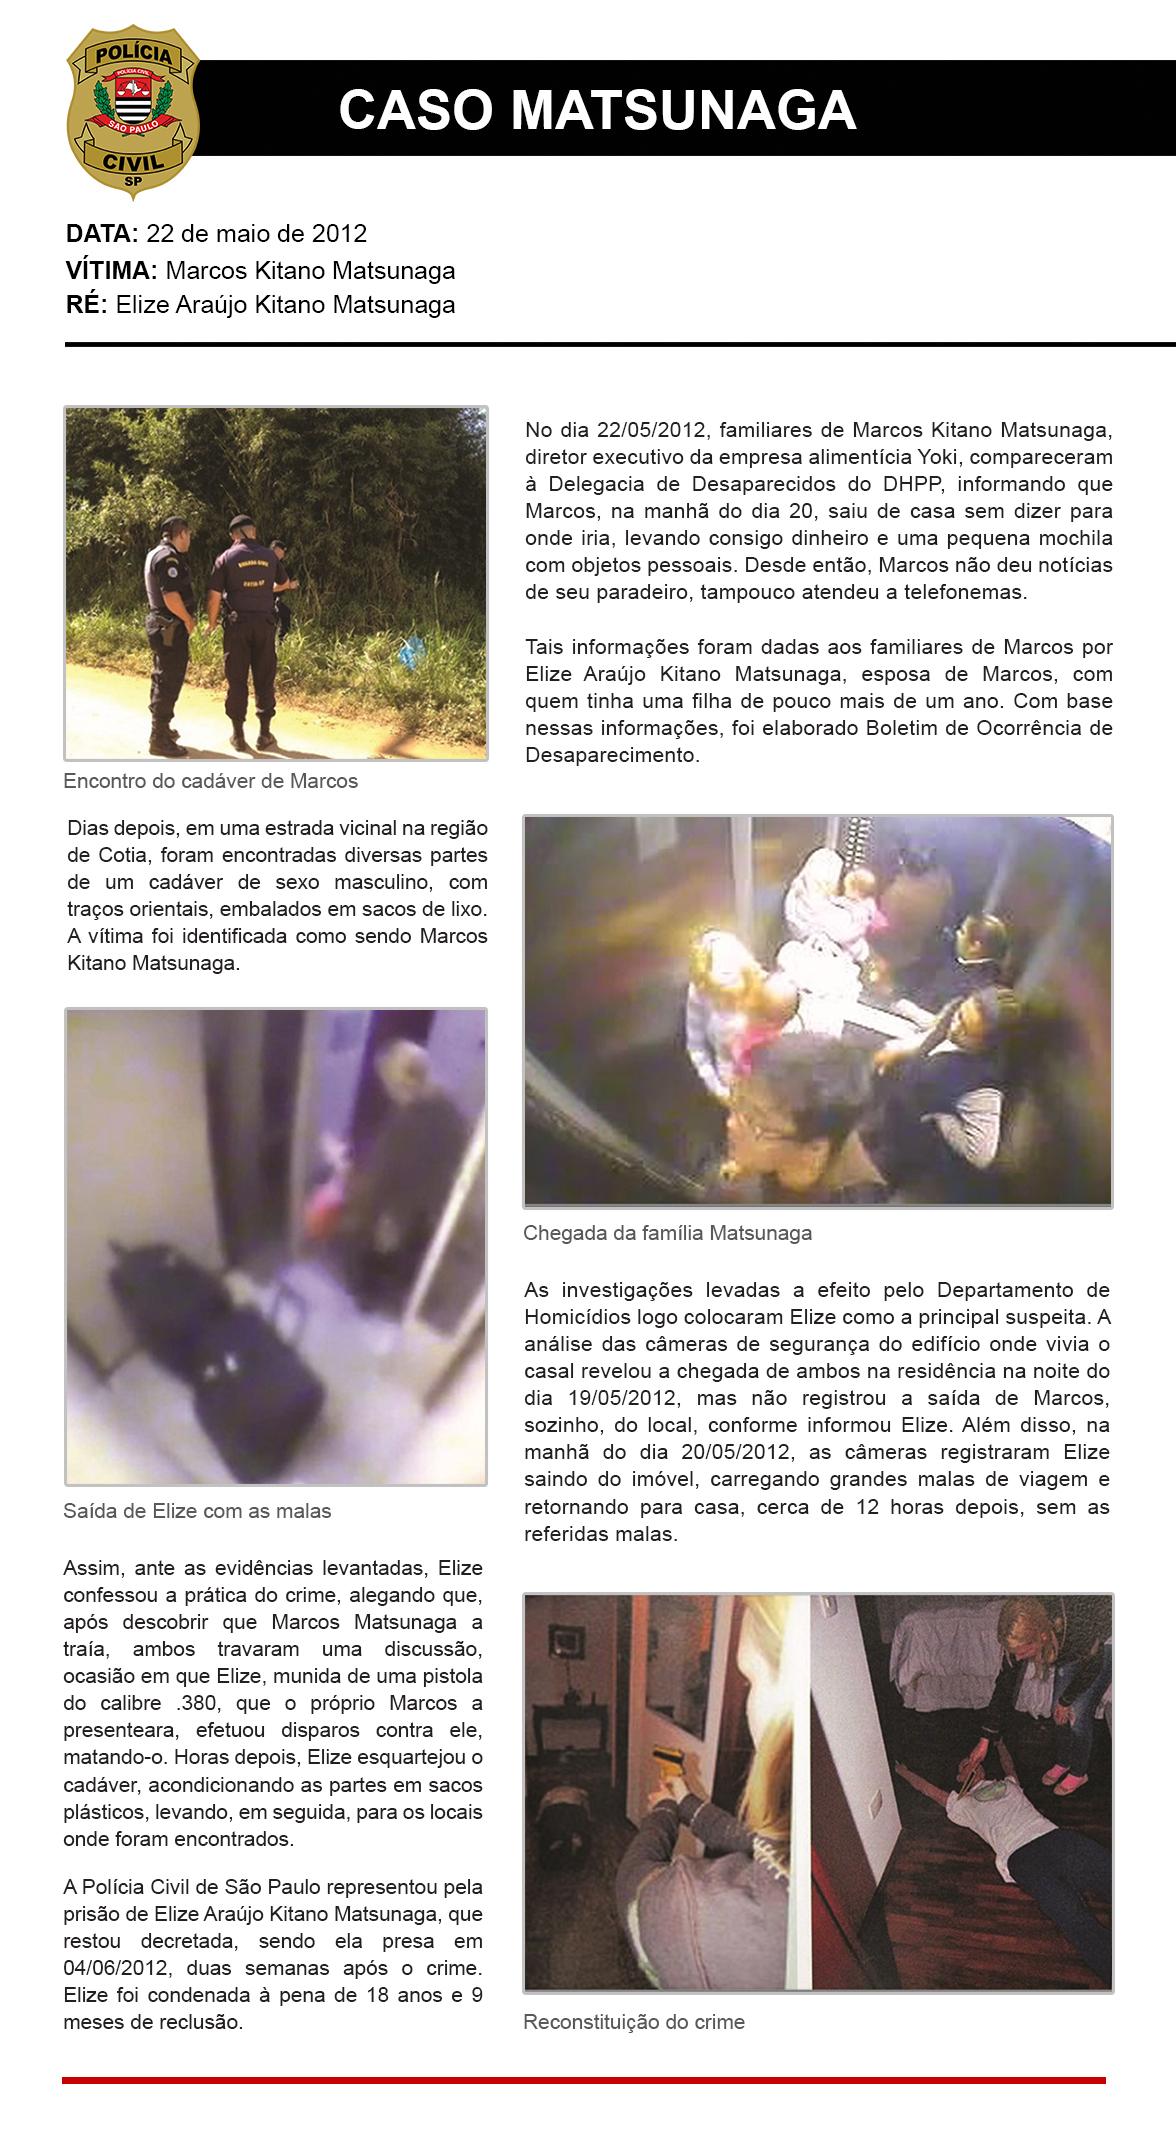 CASO DE DESTAQUE 5 - MATSUNAGA.jpg